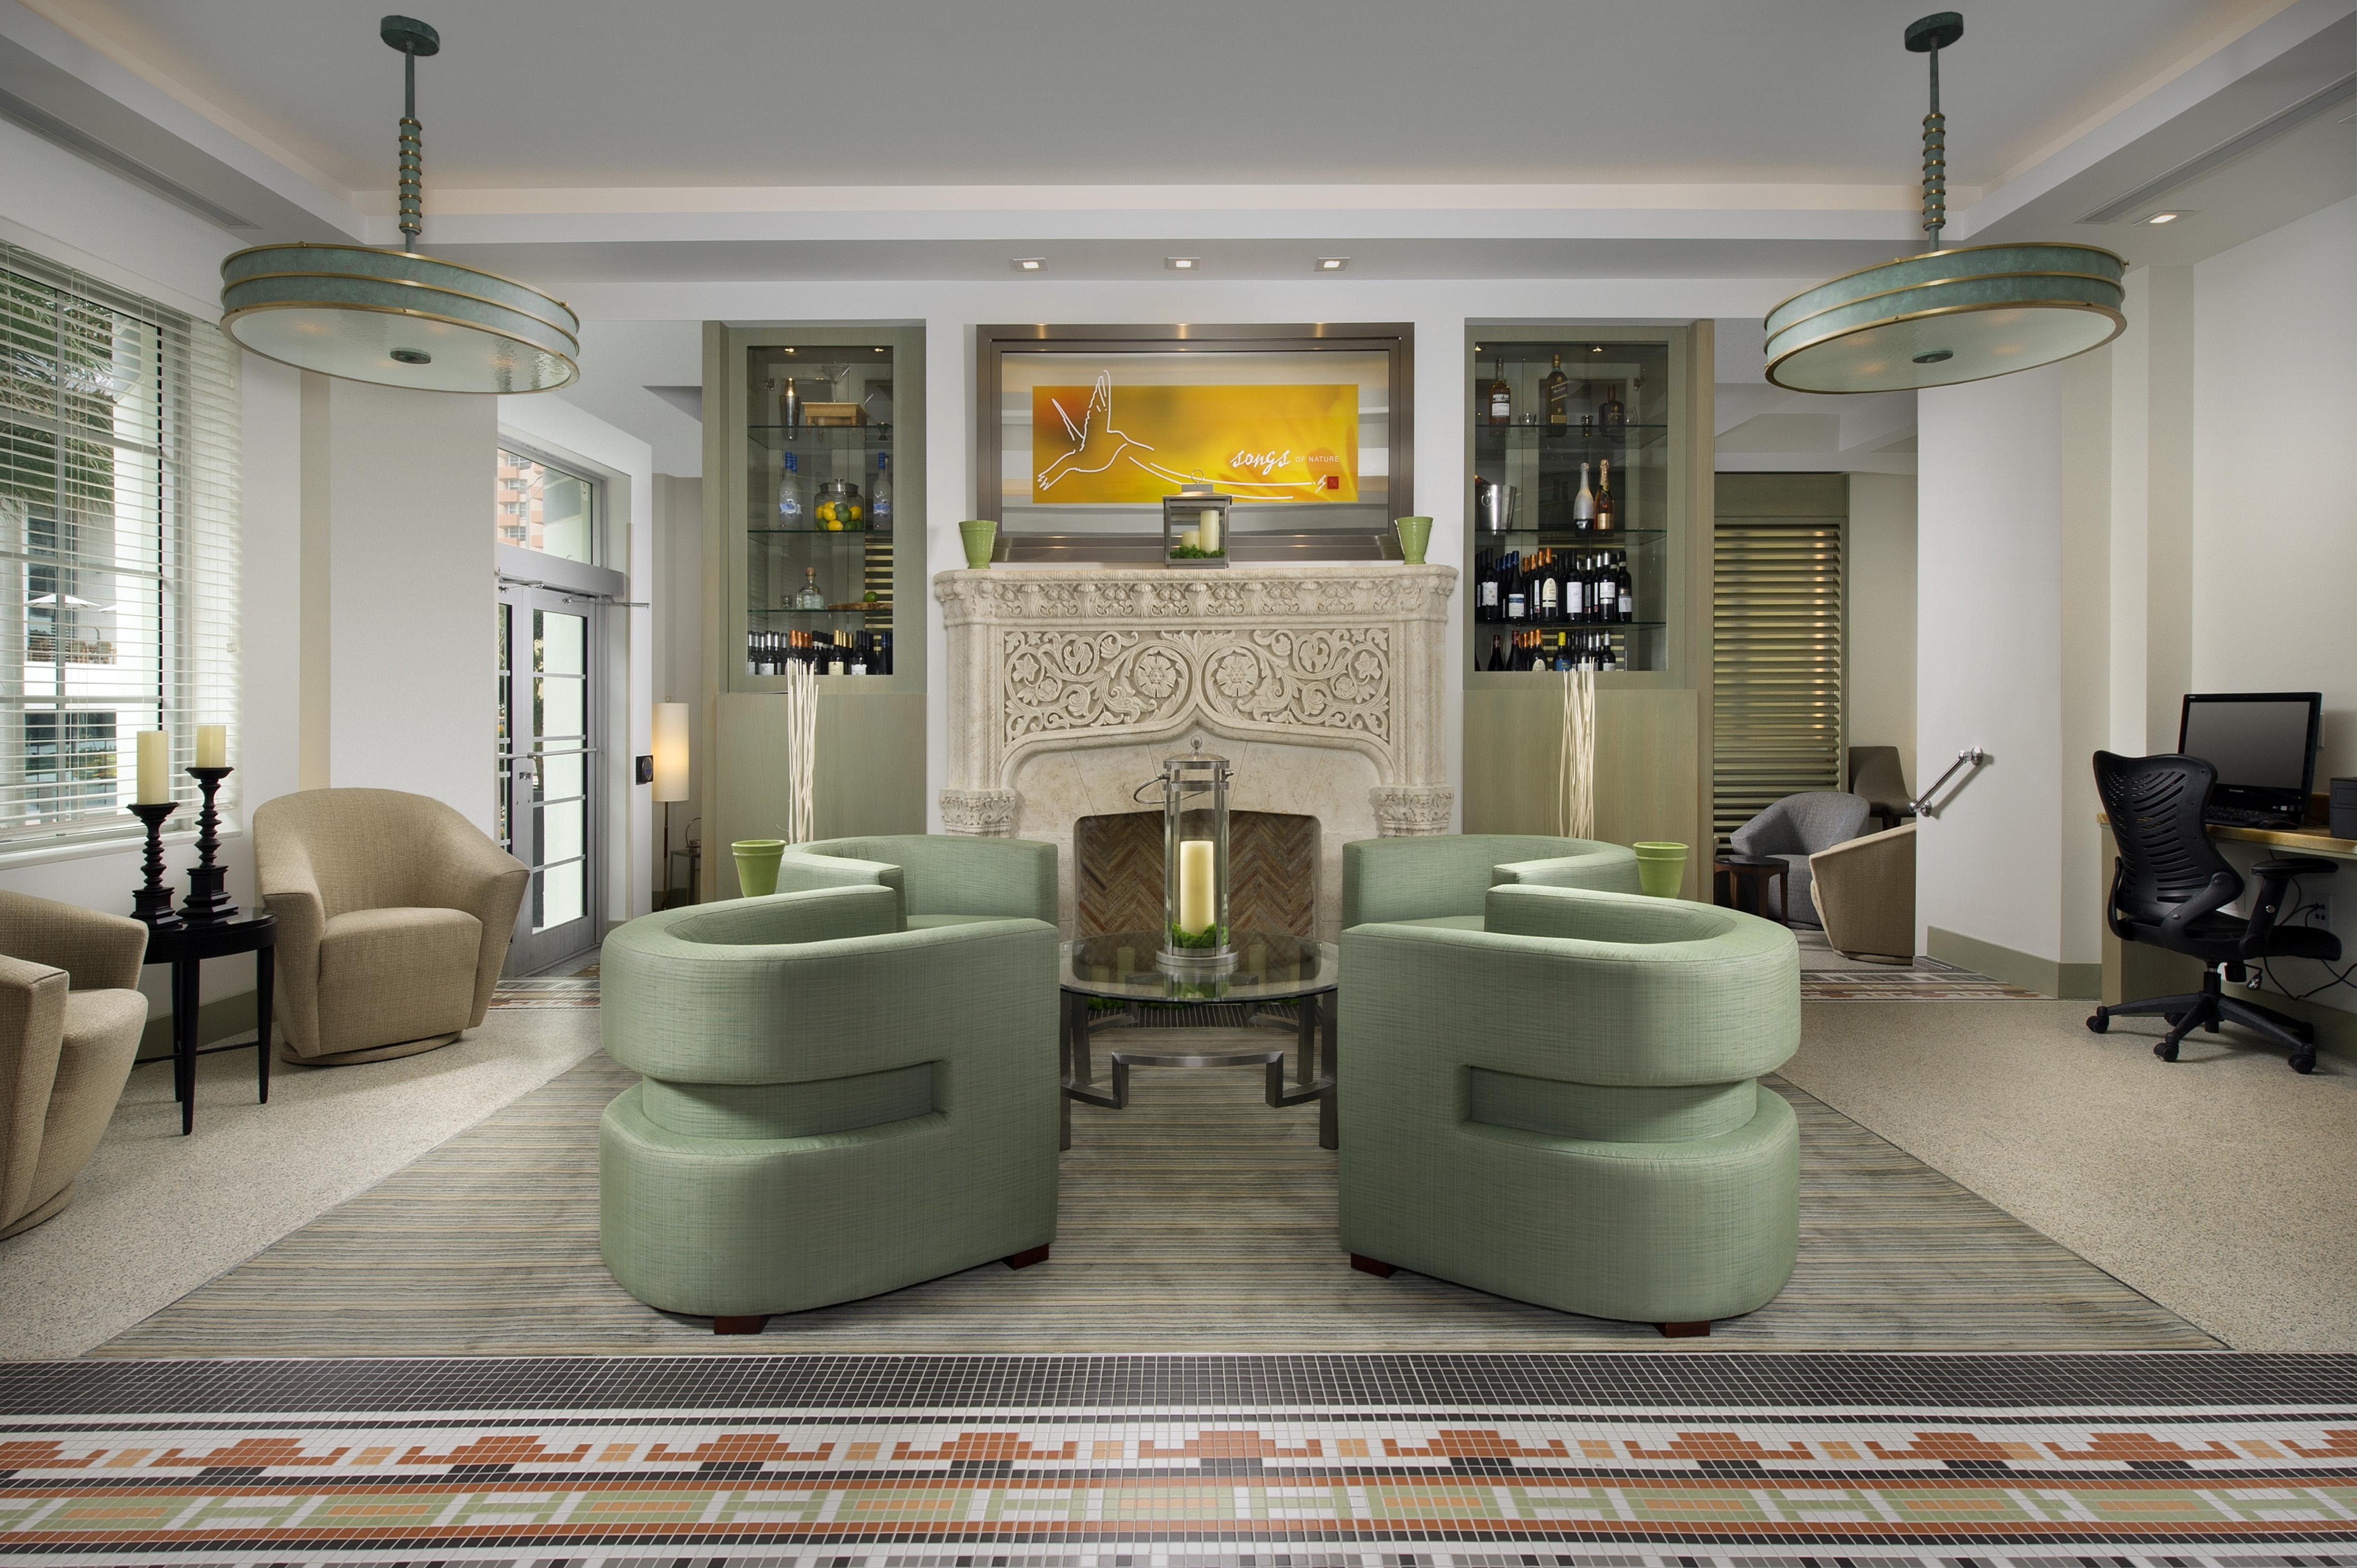 hotel photography - hotel lobby